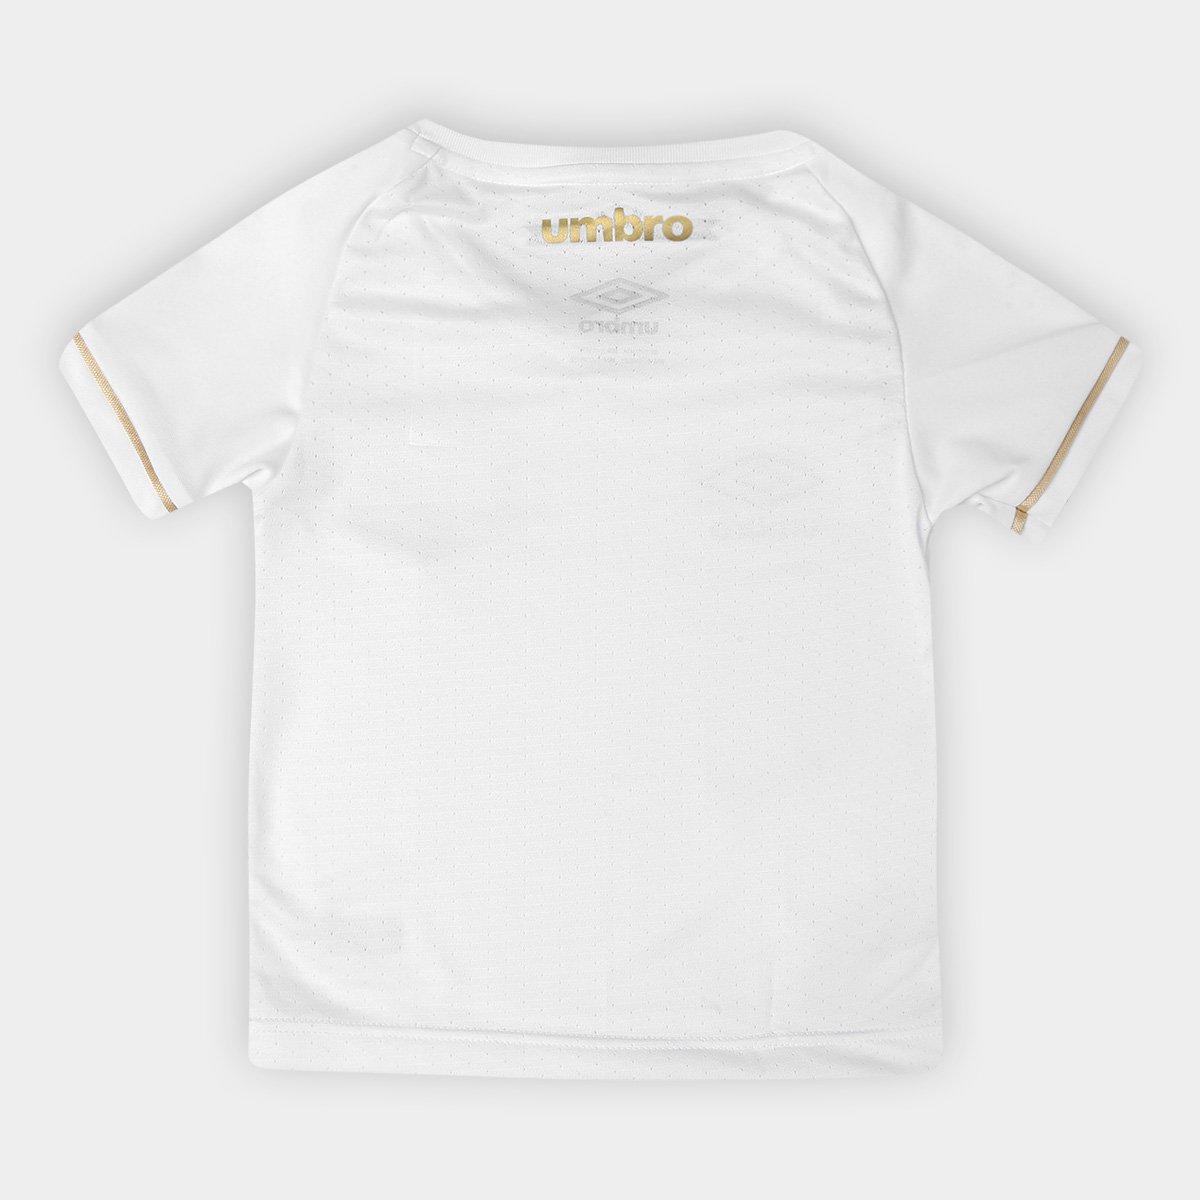 b974472151 ... Torcedor 2018 e Santos Branco n° dourado Umbro s Infantil I Camisa  gBaqwY7q